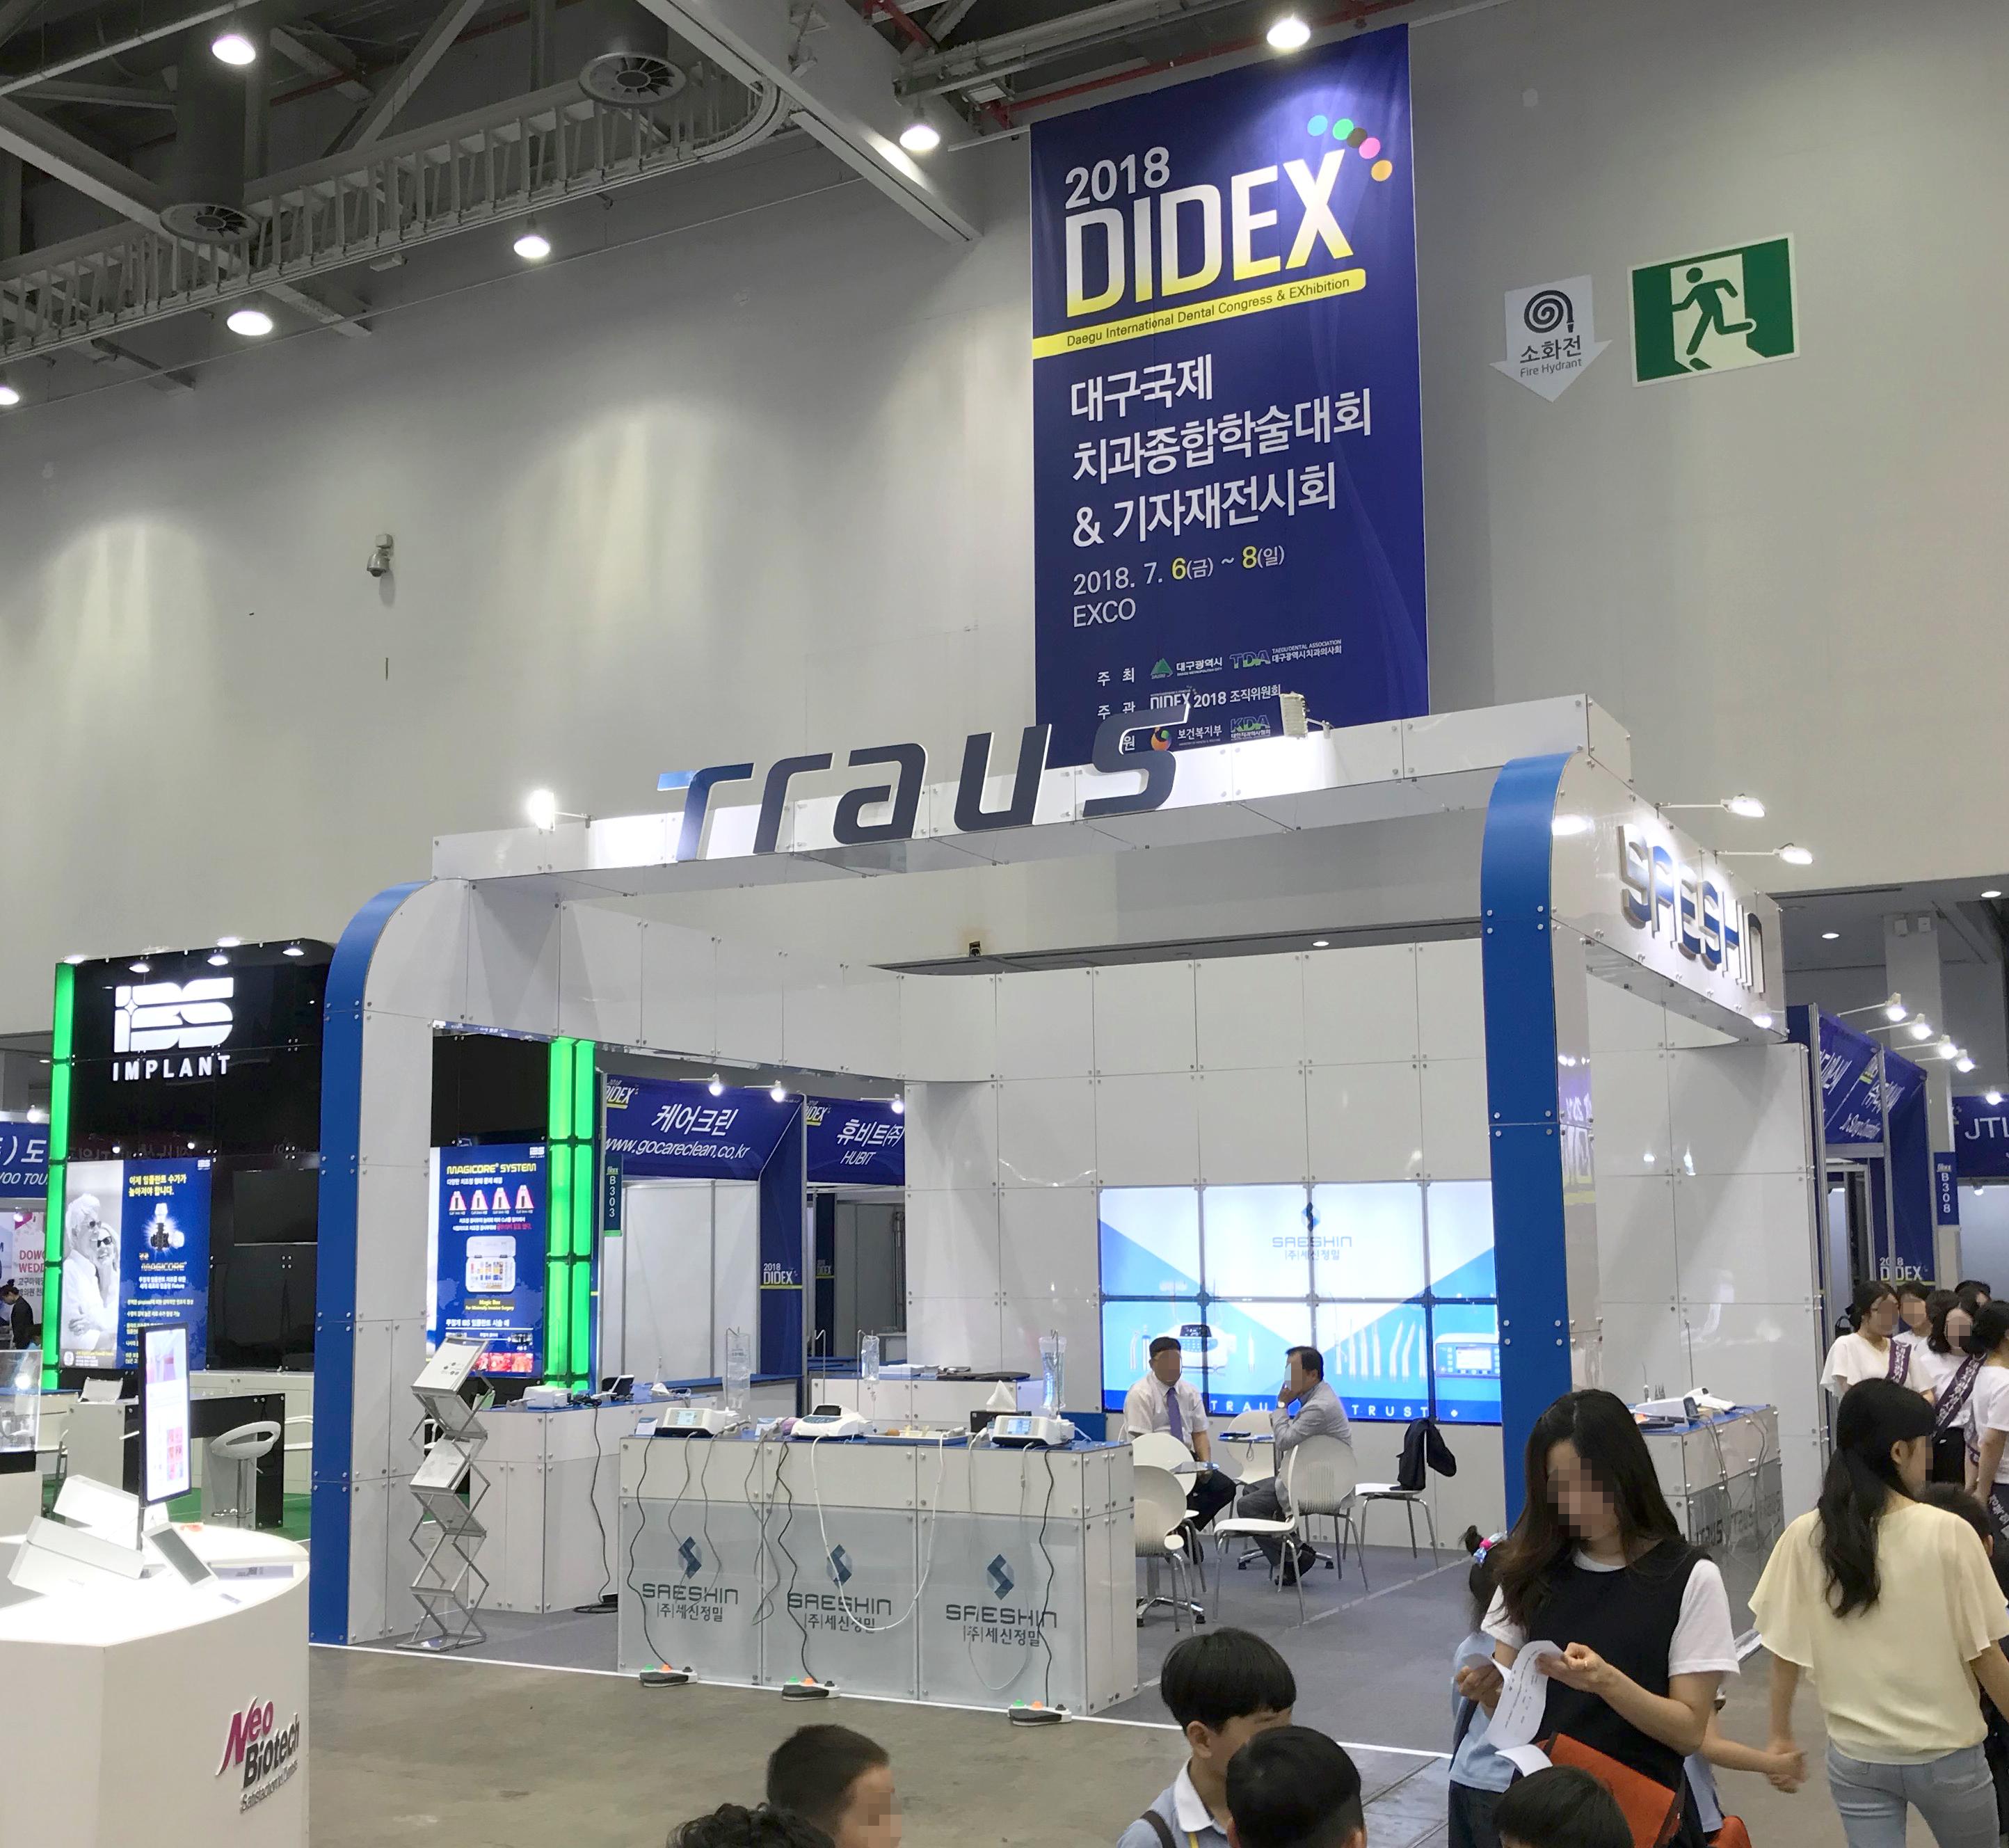 2018 DIDEX 02.JPG